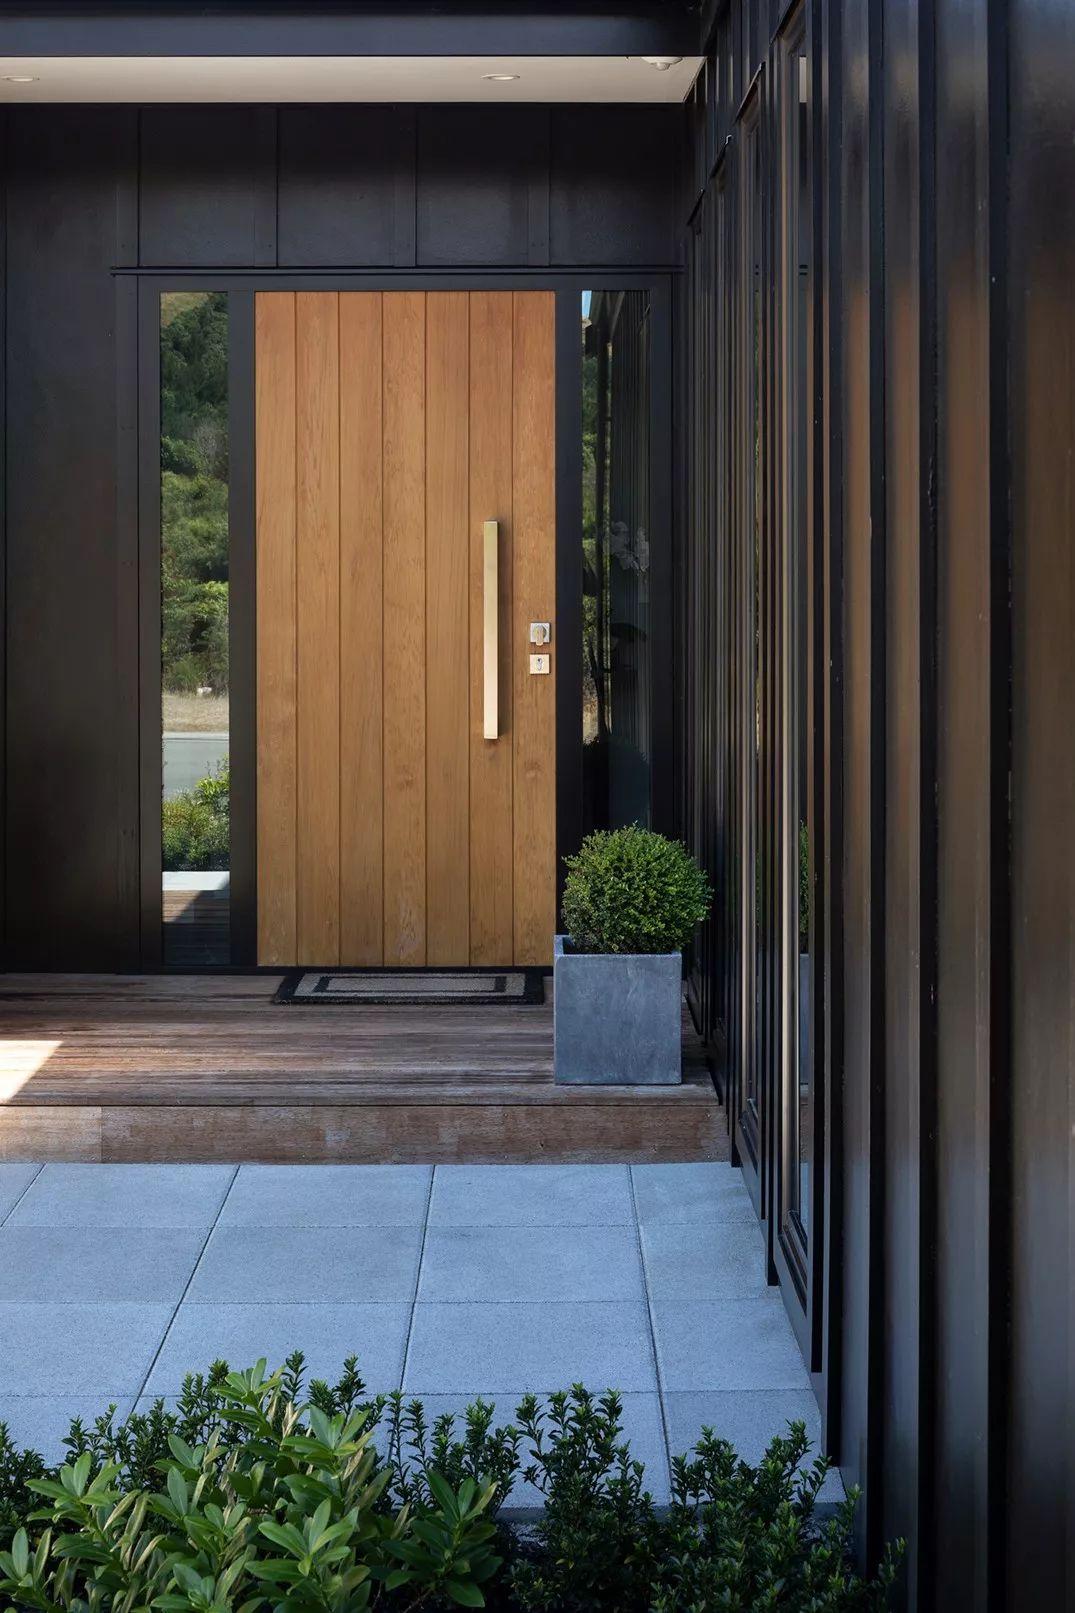 新西兰外墙材料 建筑外墙材料 防火隔音